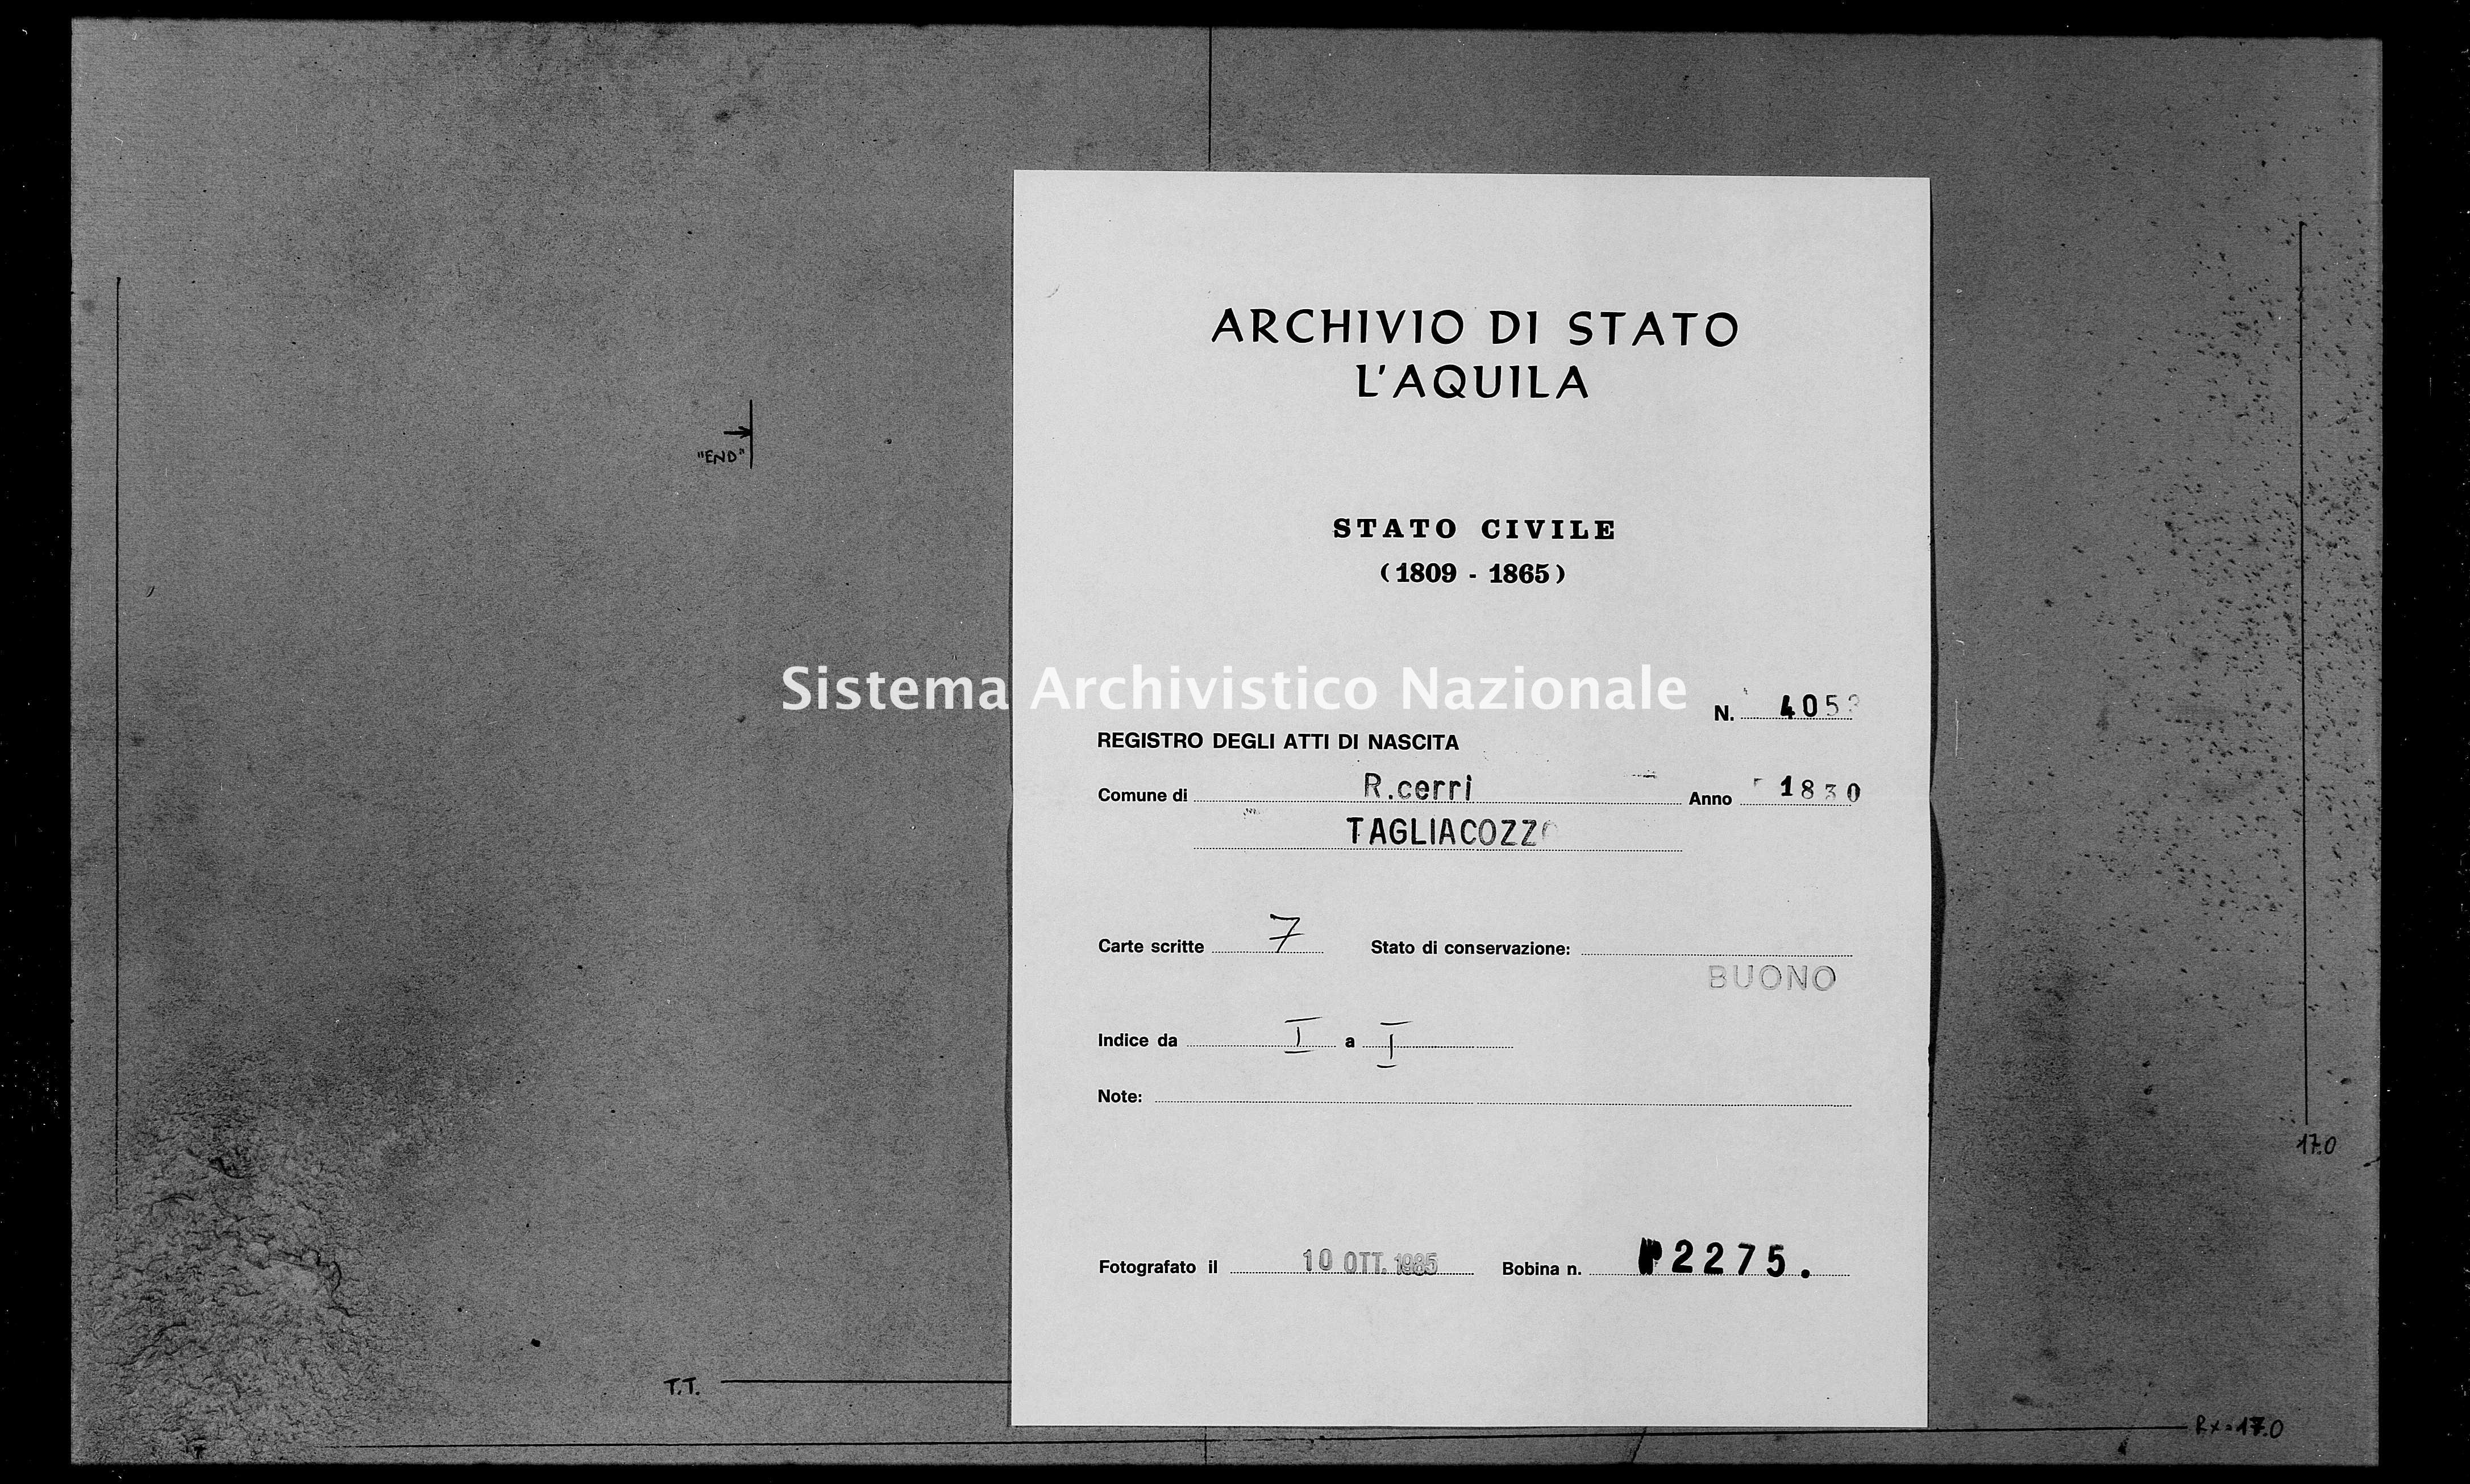 Archivio di stato di L'aquila - Stato civile della restaurazione - Roccacerro - Nati - 1830 - 4053 -